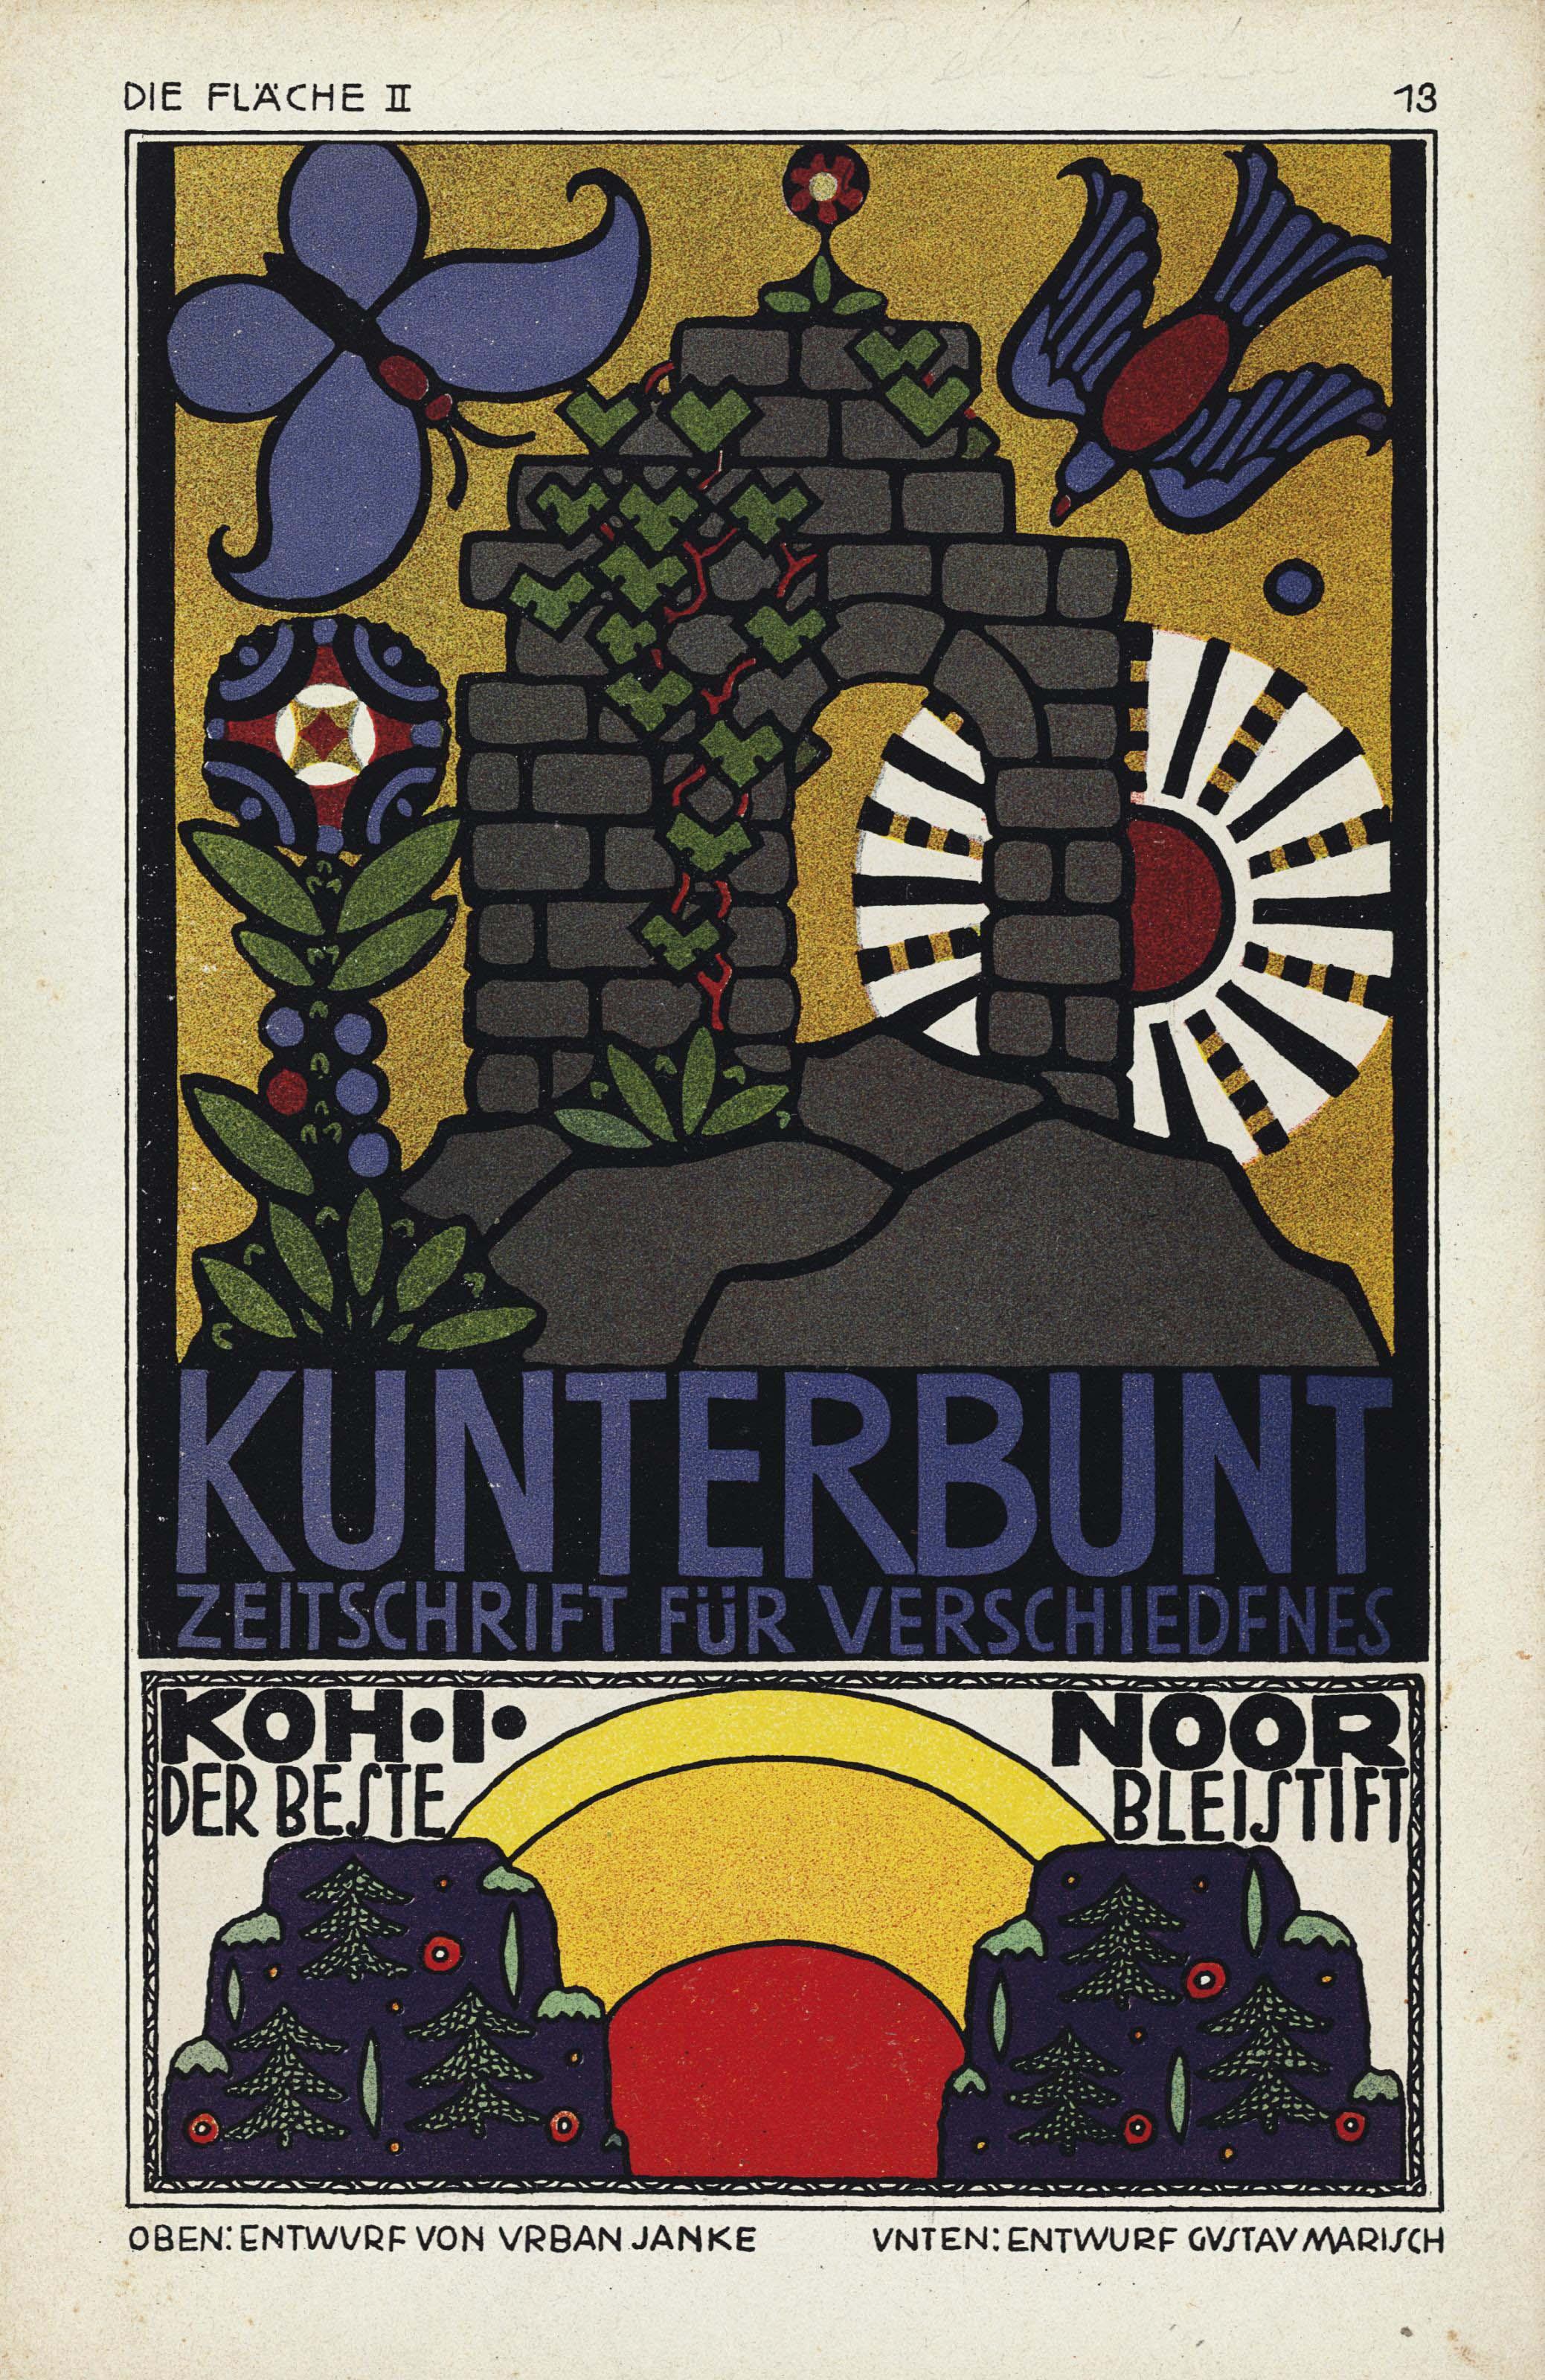 HOFFMANN, Josef (1870-1956), K